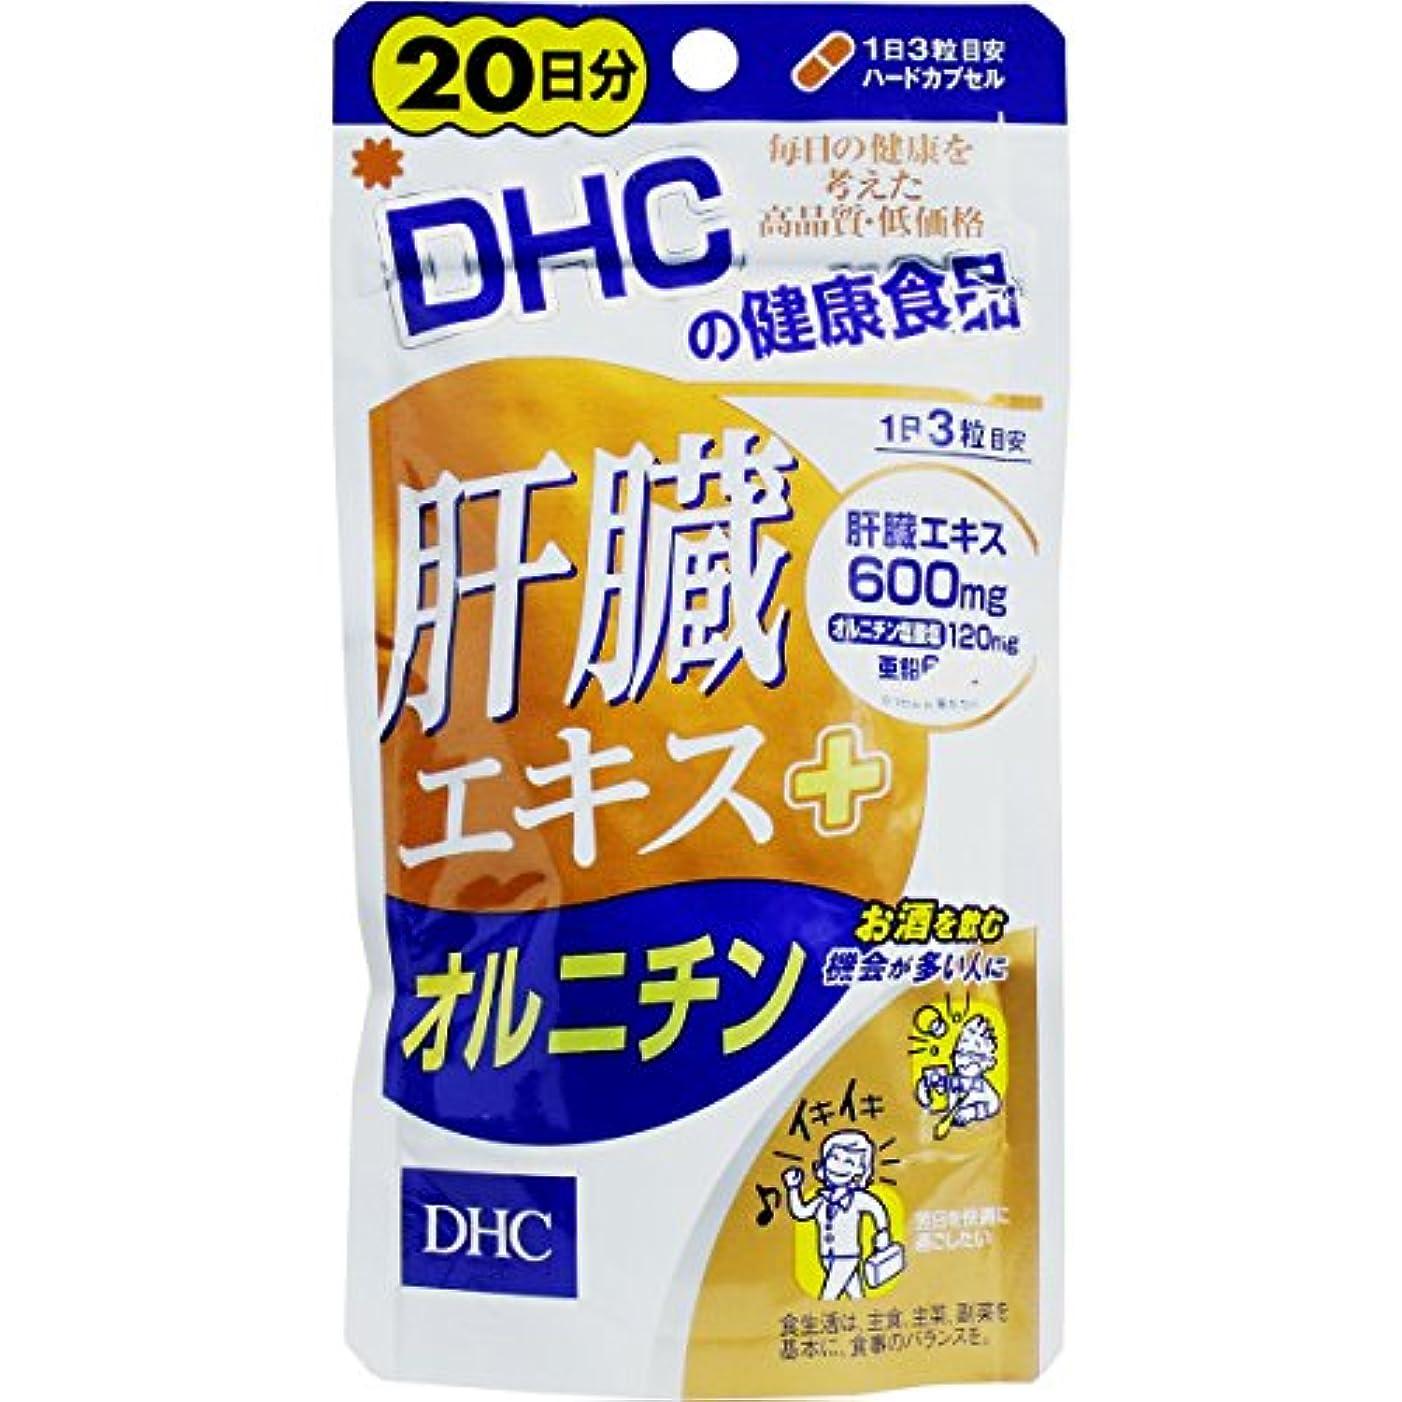 厳しい願望マラドロイトDHC 肝臓エキス+オルニチン 20日分 60粒 ×2個セット